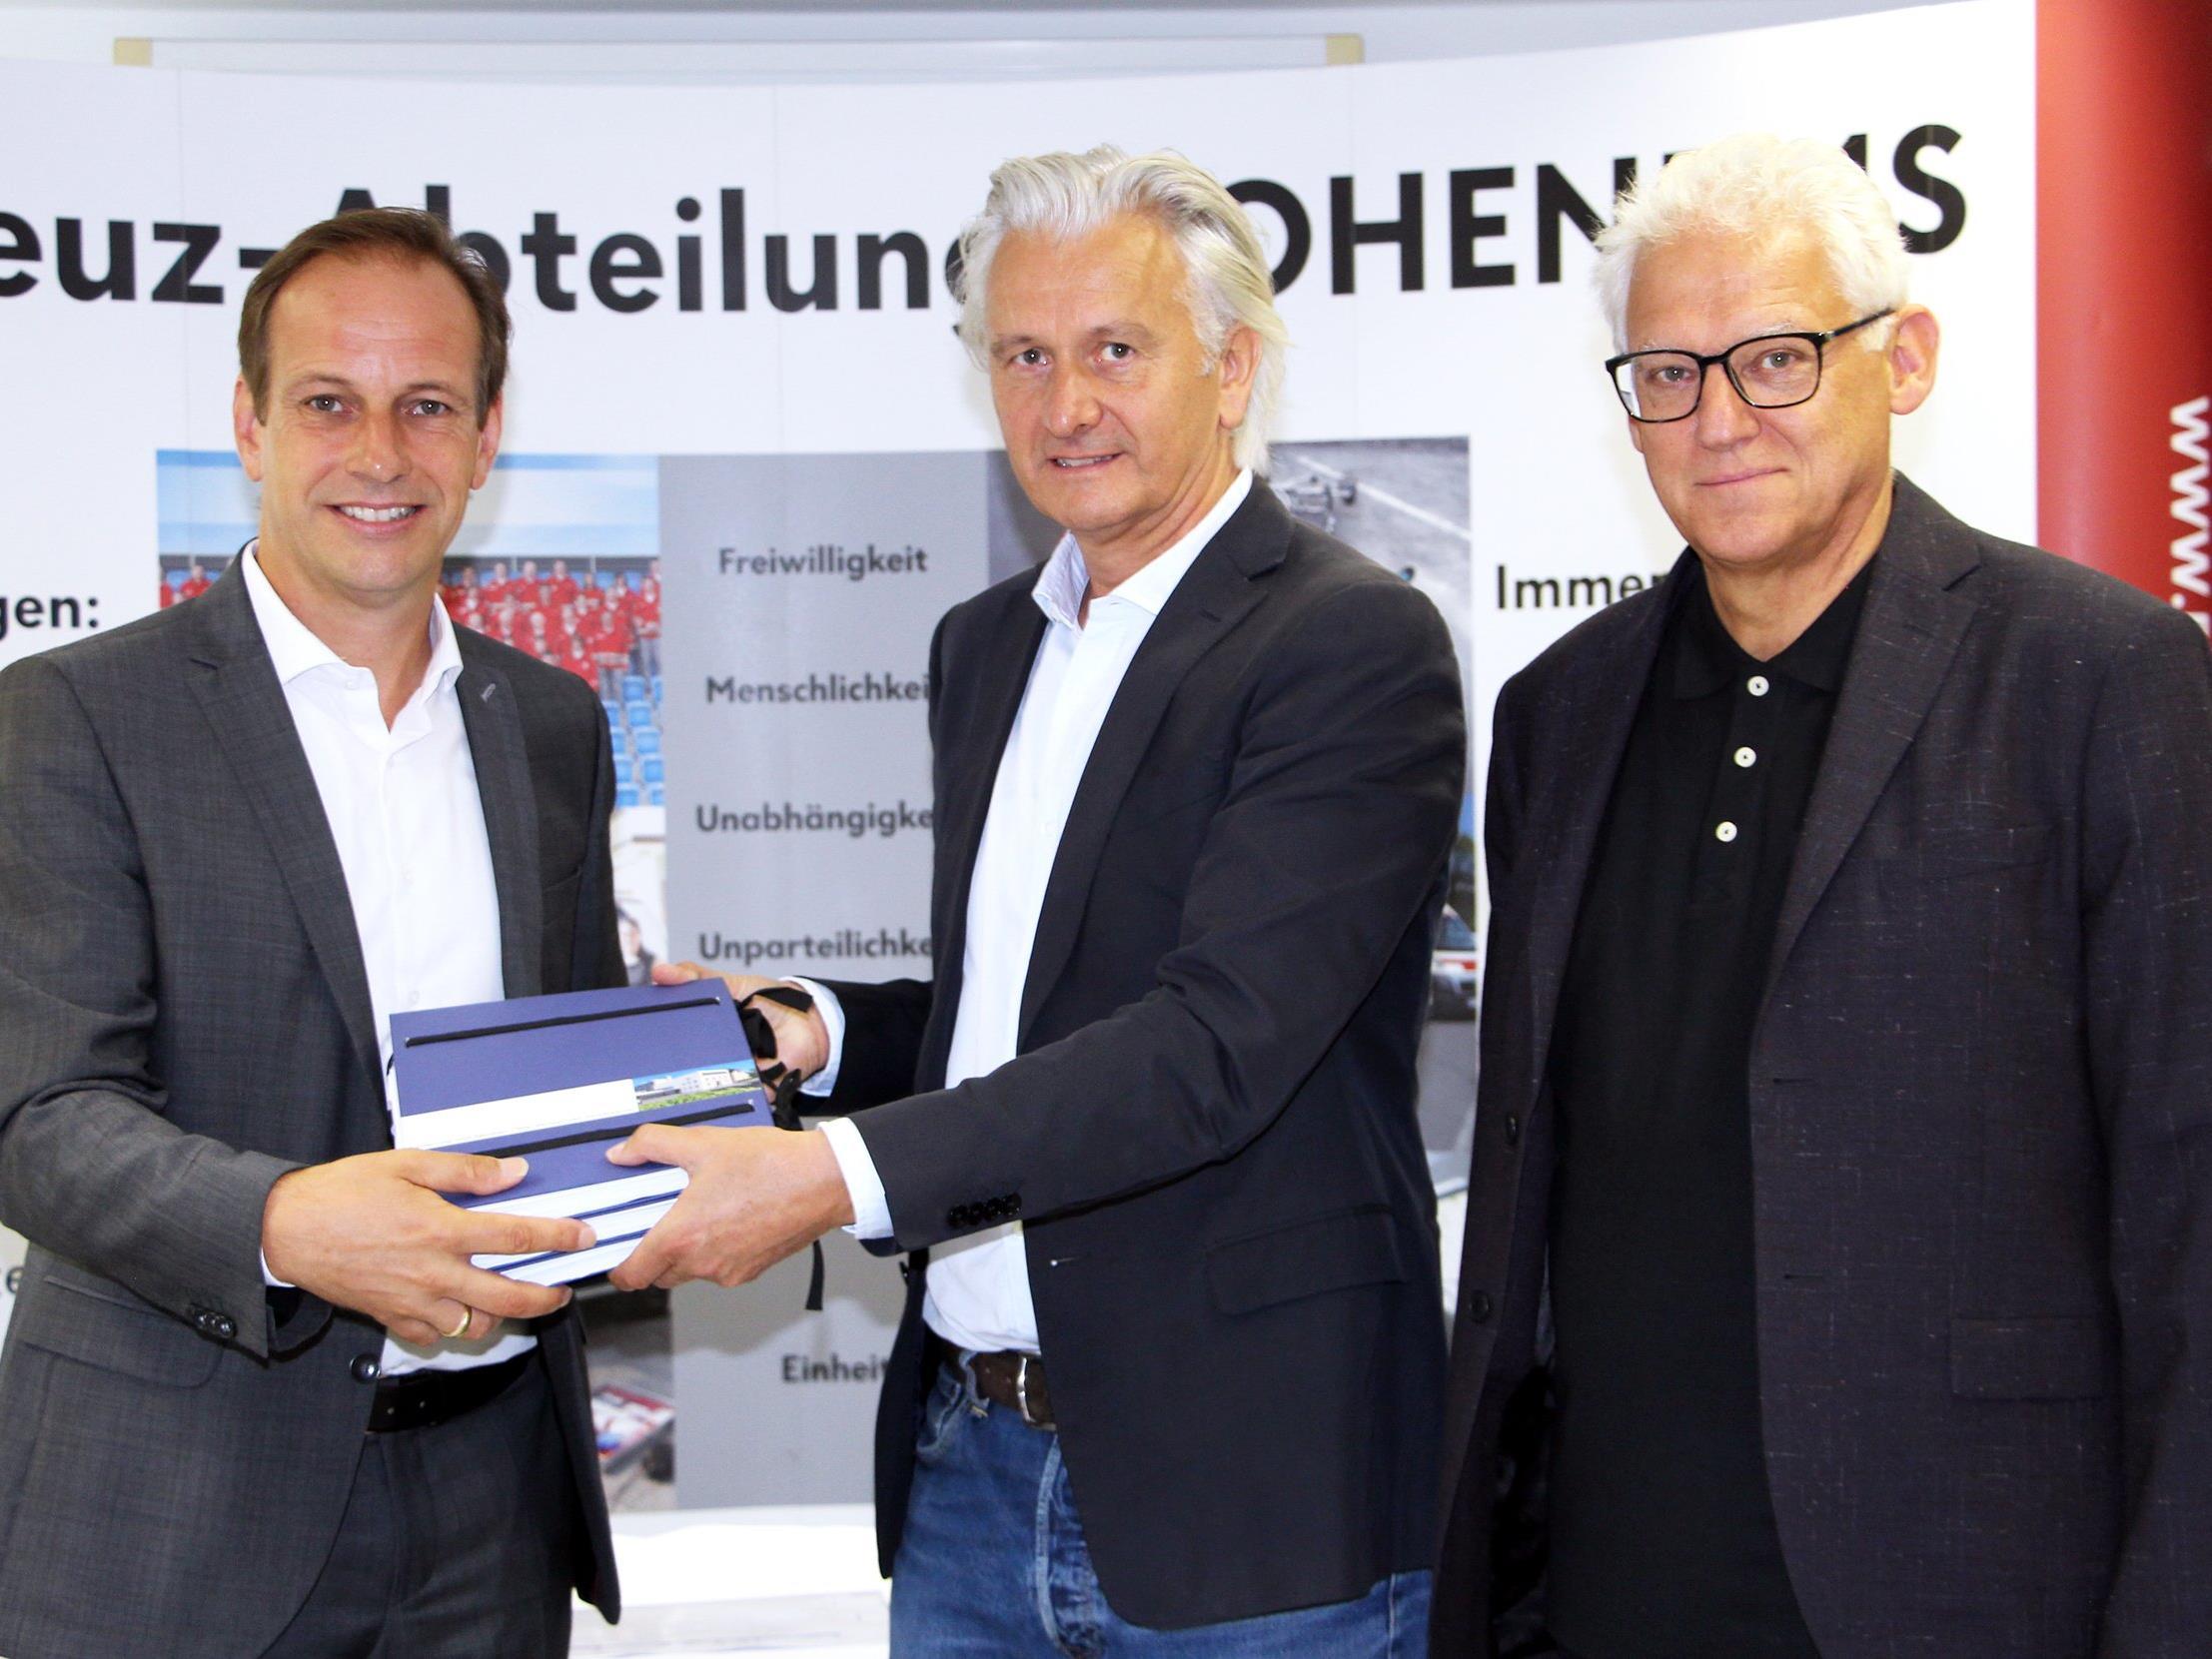 Bei der Aktenübergabe v.li.: Bgm. Dieter Egger, Architekt DI Elmar Nägele und RK-Präsident Dr. Ludwig Summer.